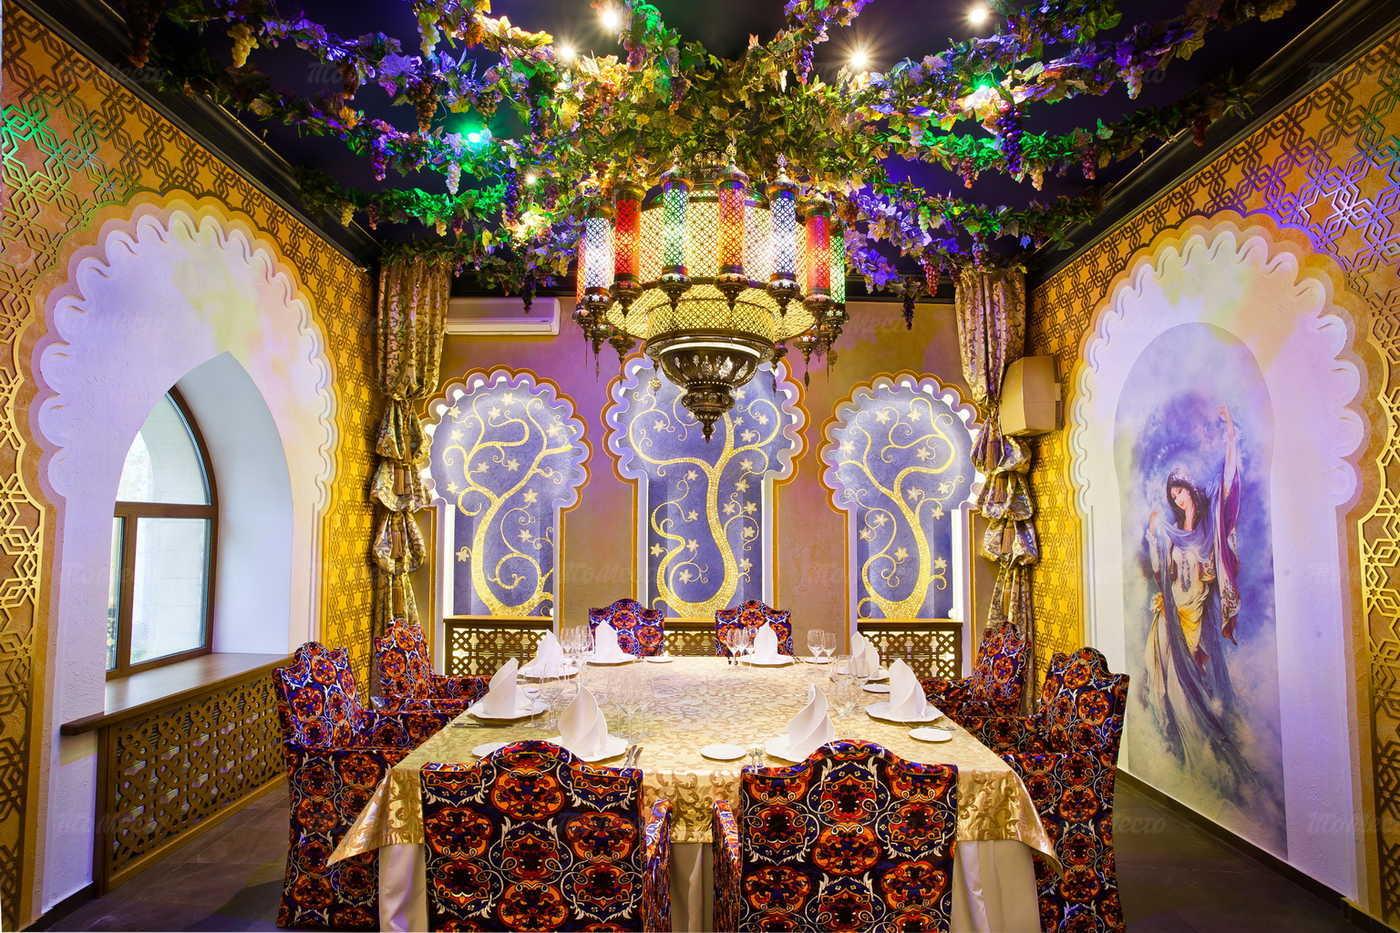 Меню ресторана Халиф на улице Мичуриной